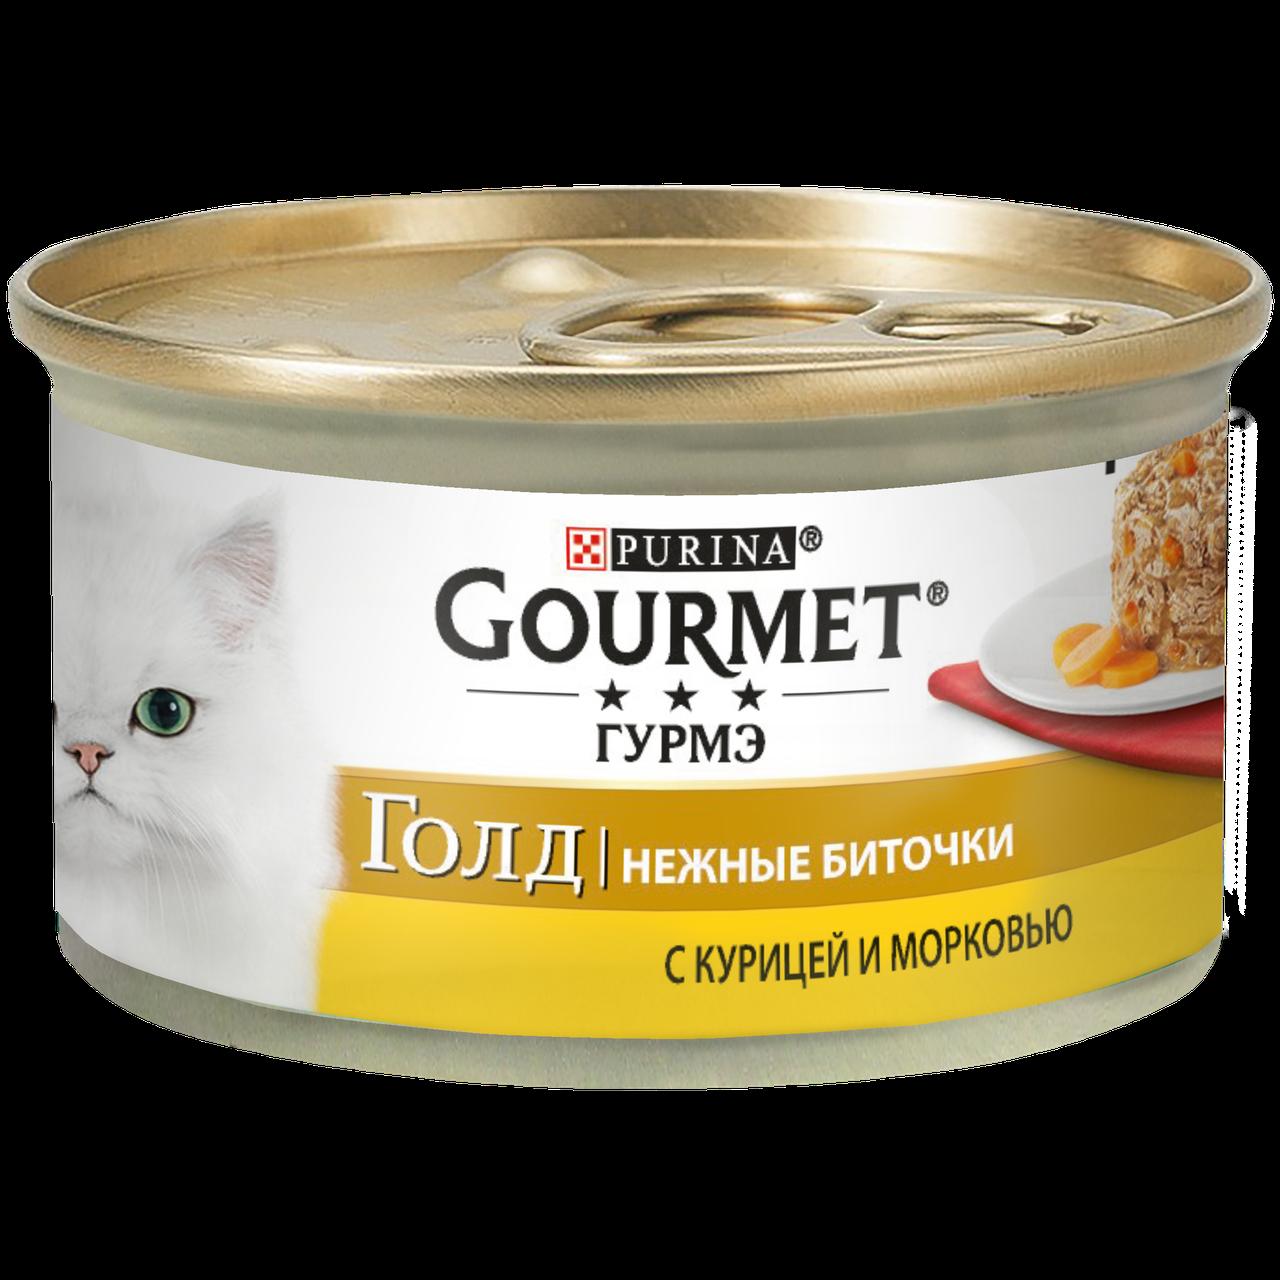 Консервы для кошек Purina Gourmet Gold Нежные биточки, курица с морковью, банка, 85 г